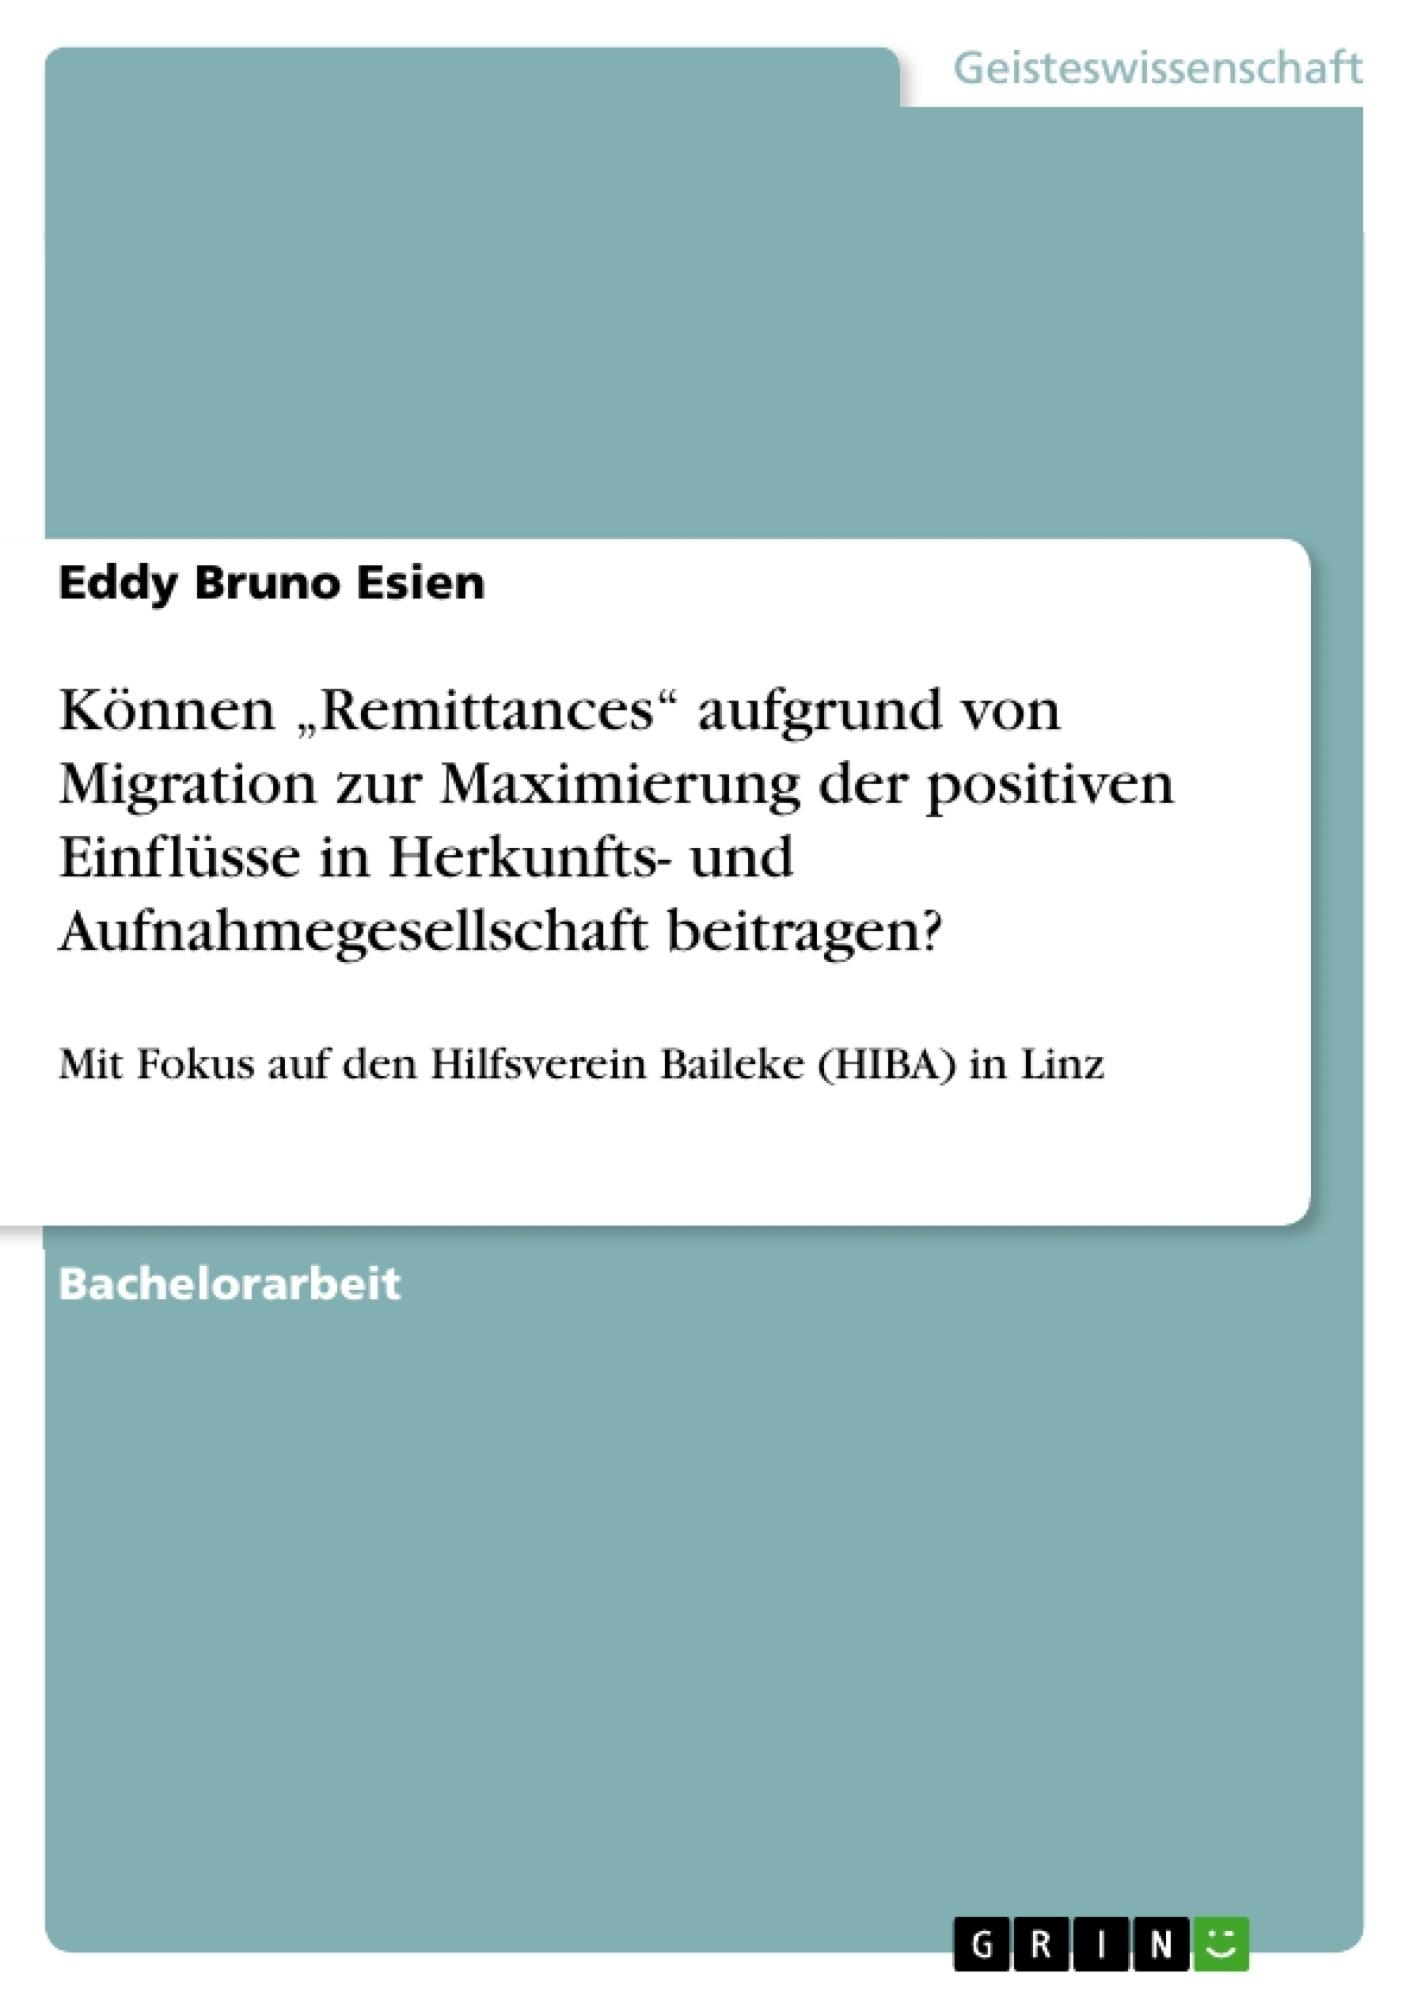 """Titel: Können """"Remittances"""" aufgrund von Migration zur Maximierung der positiven Einflüsse in Herkunfts- und Aufnahmegesellschaft beitragen?"""